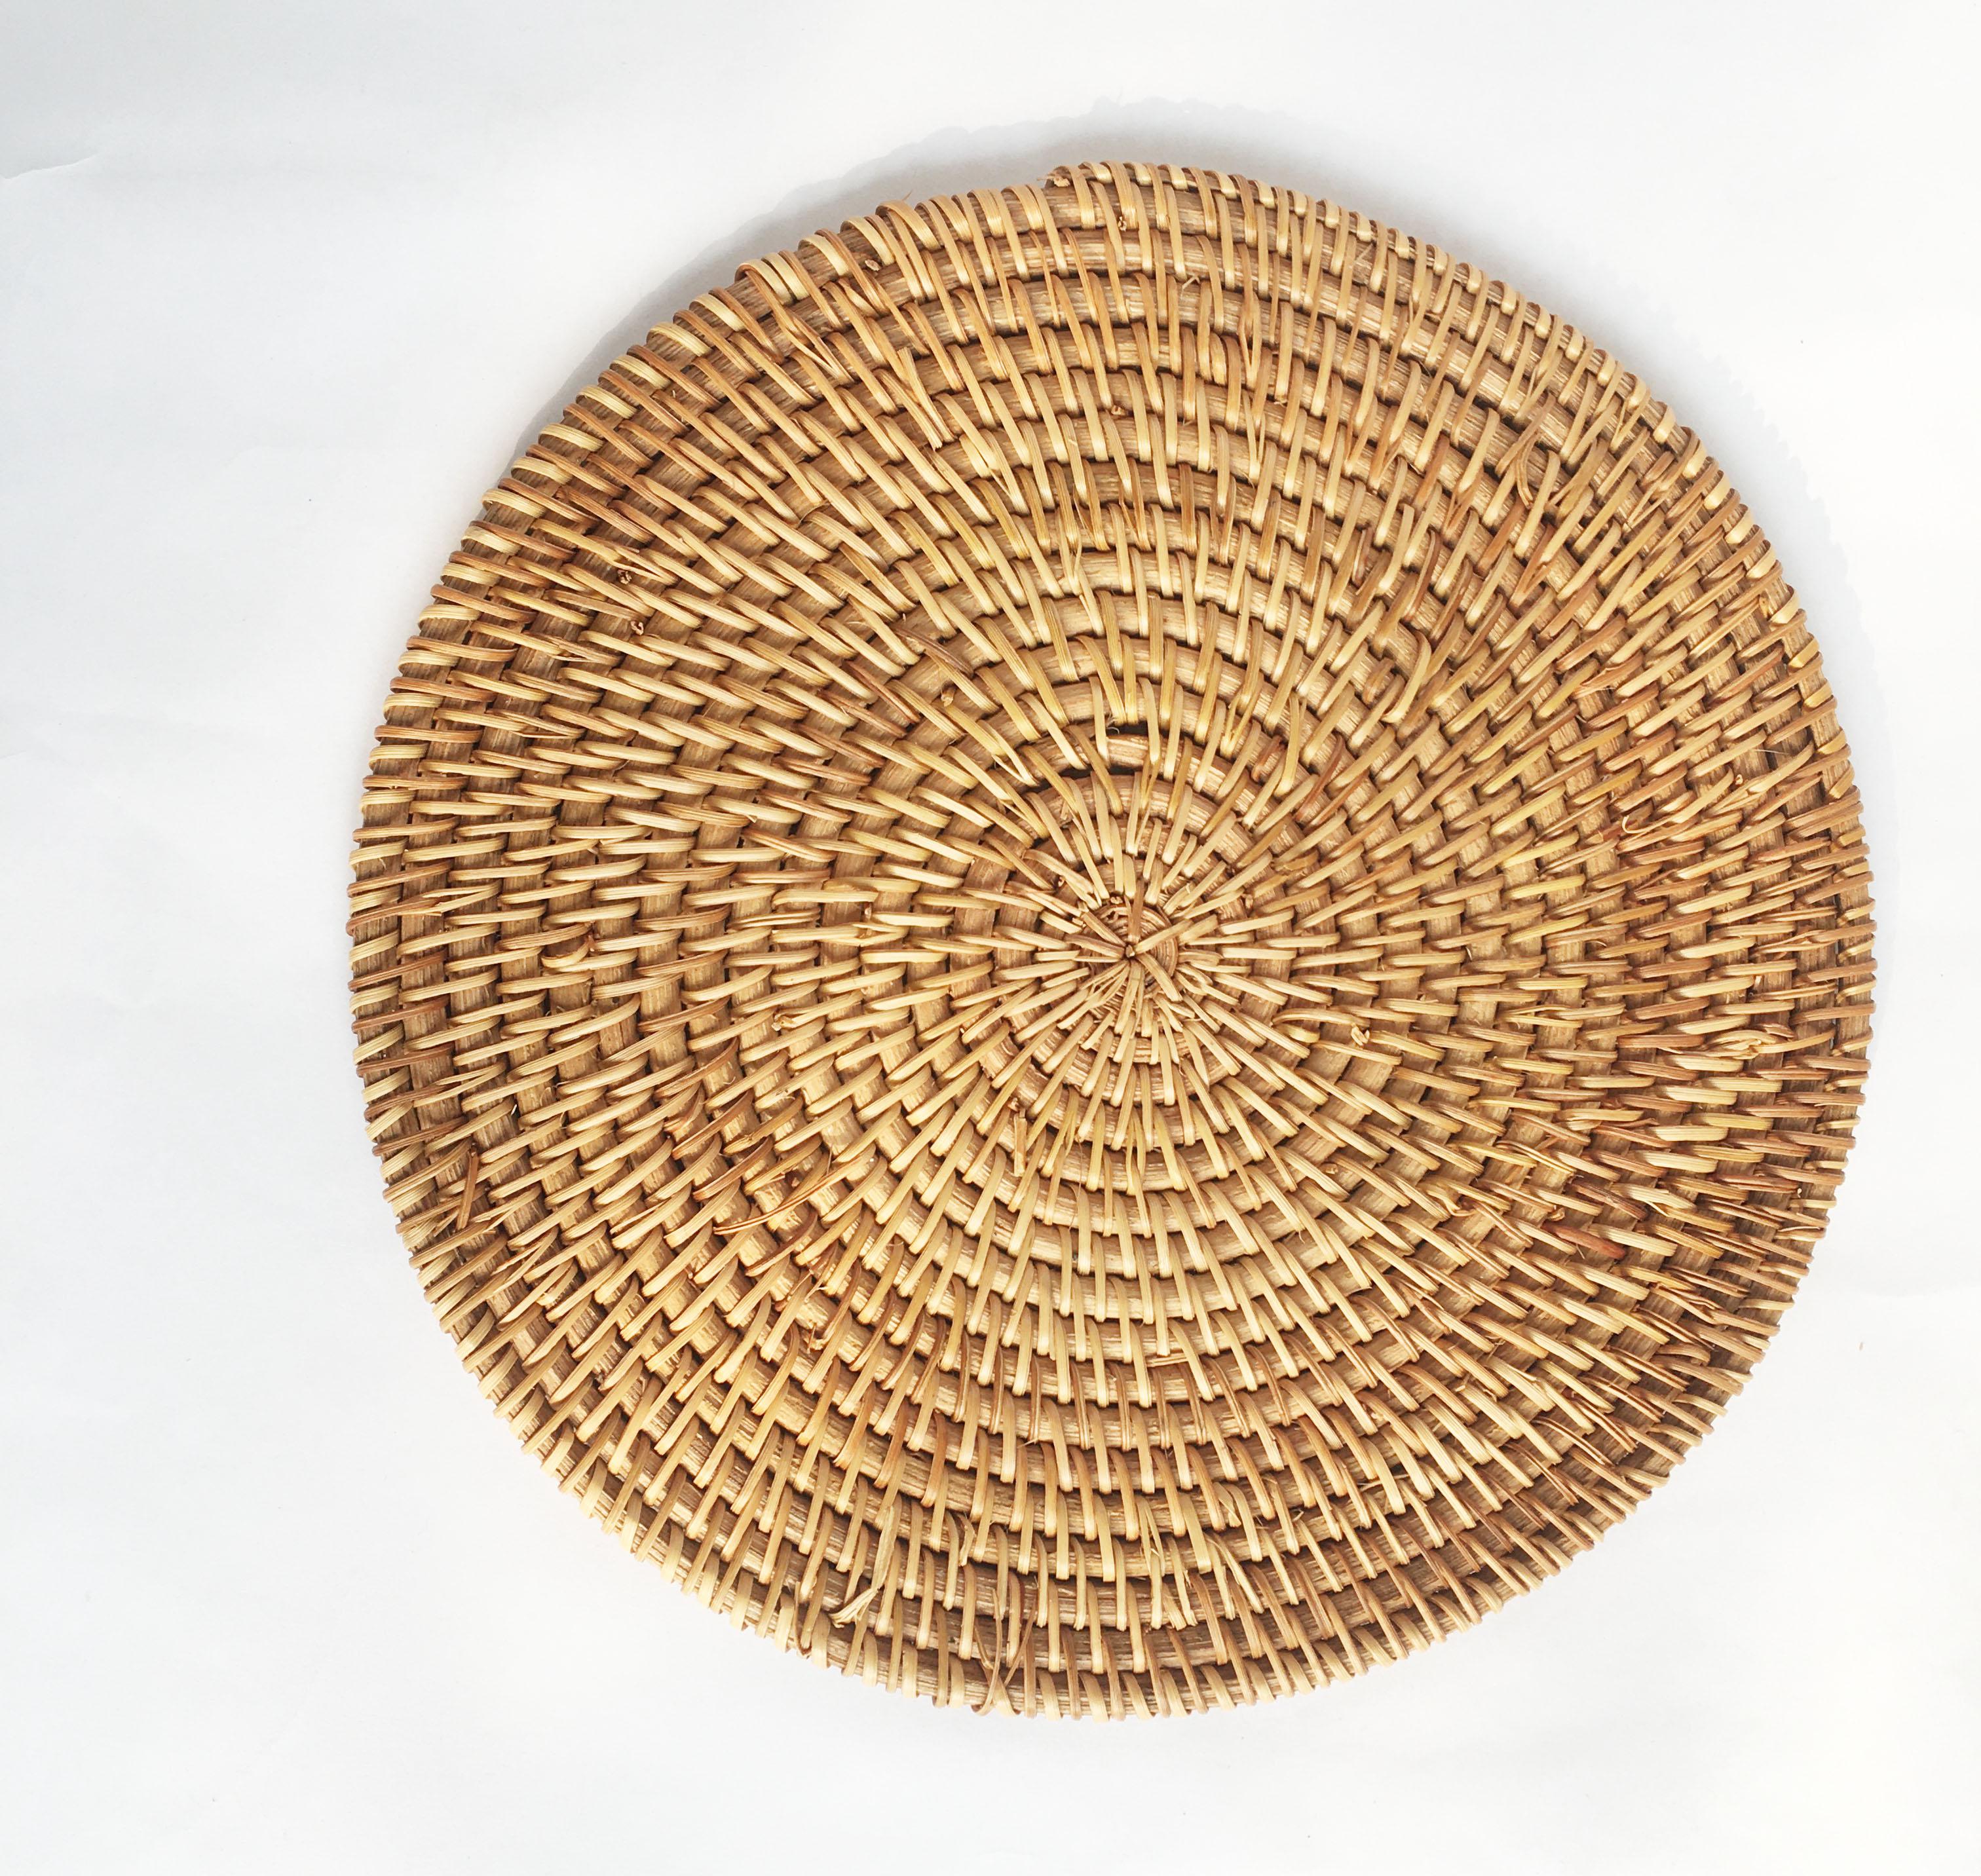 Tấm lót bàn cách nhiệt lót chén dĩa Lót ly mây guột tự nhiên KT 13cm lót, decor chụp ảnh, trang trí phụ kiện bàn ăn (1 cái)